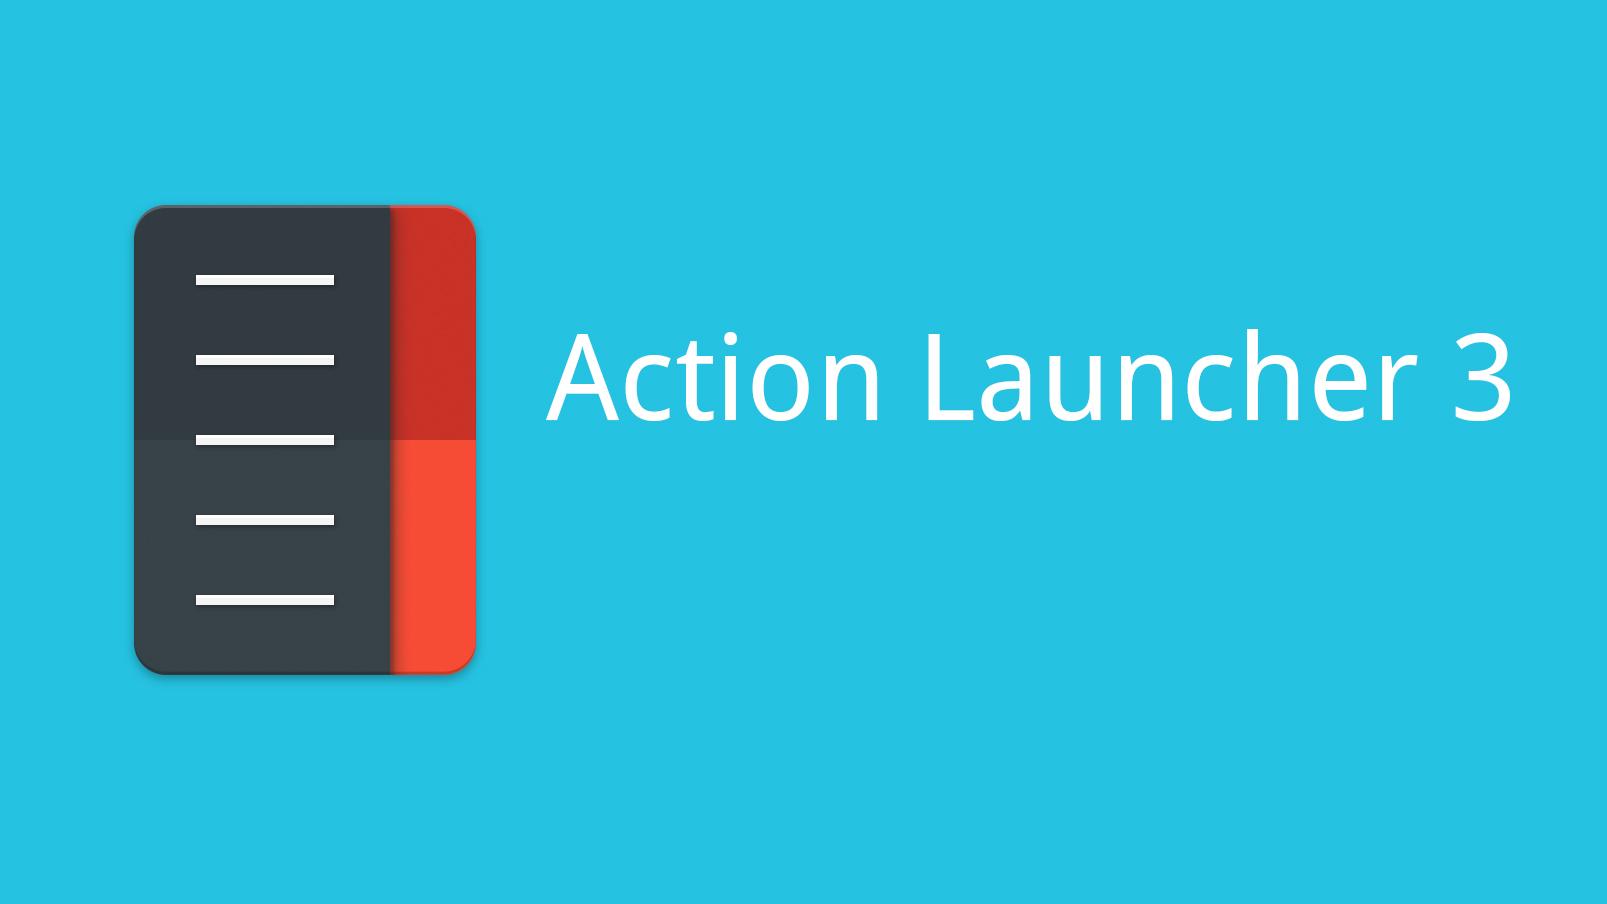 Action Launcher 3 přináší Google Now